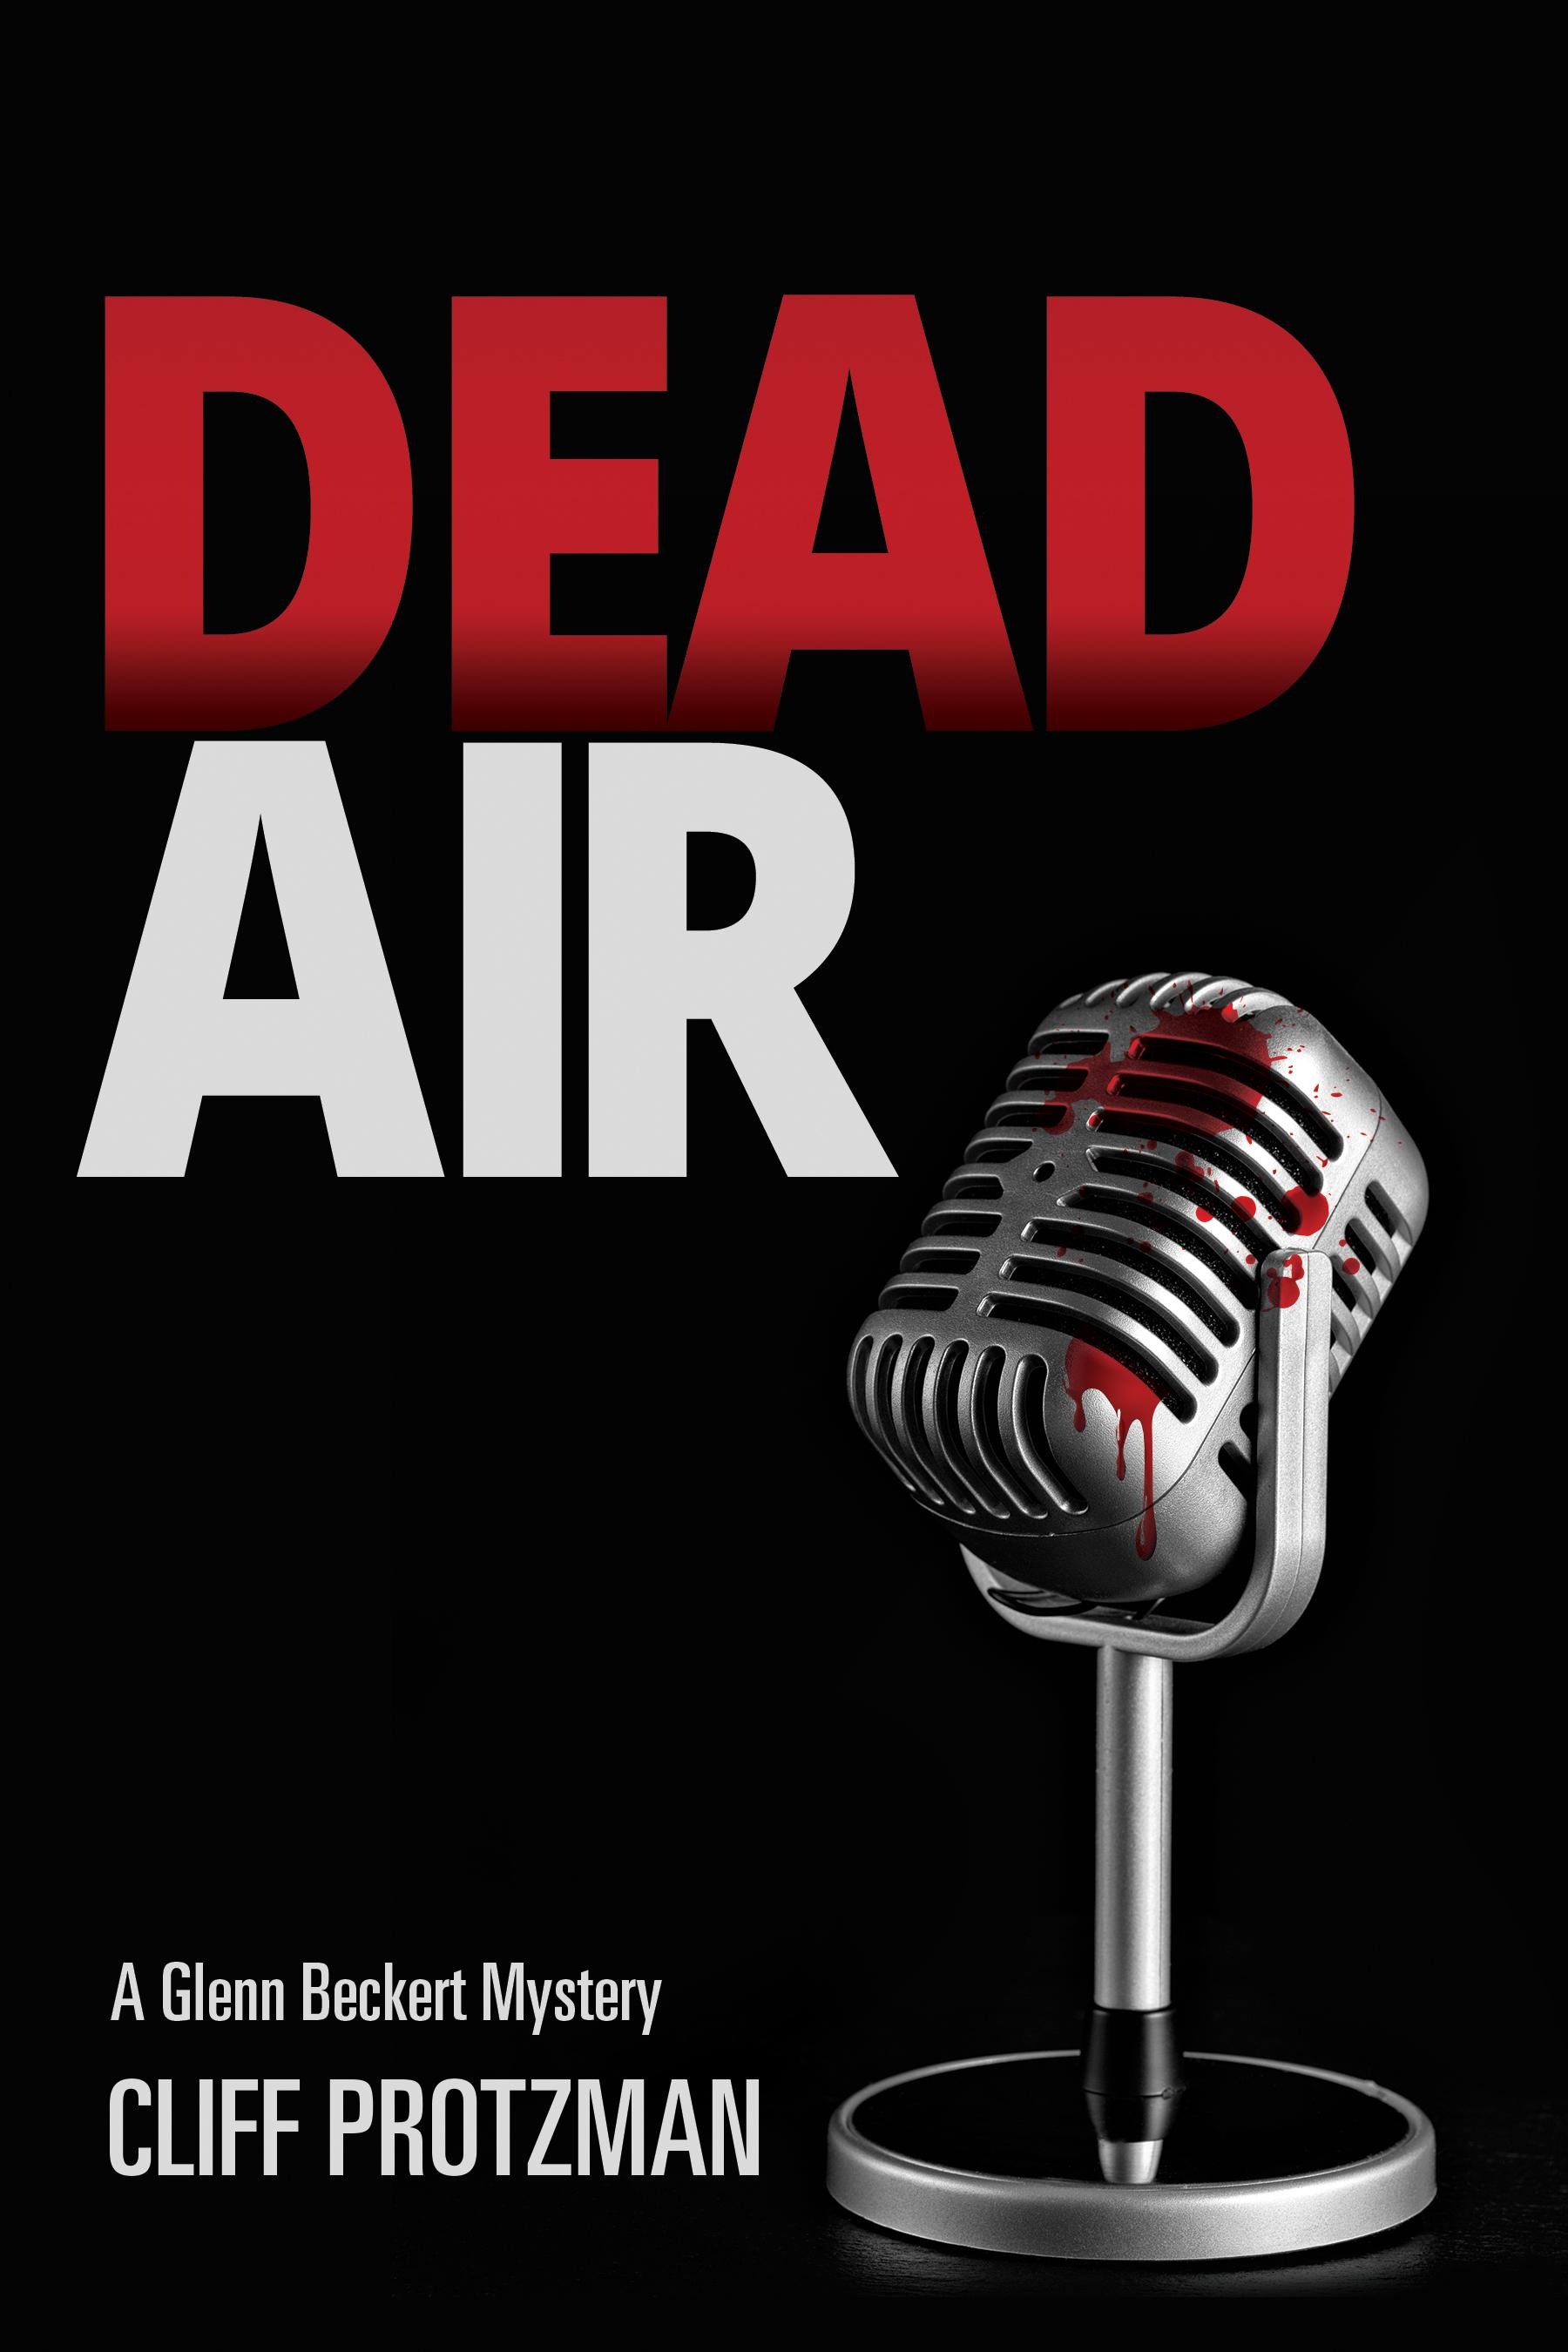 Dead Air by Cliff Protzman